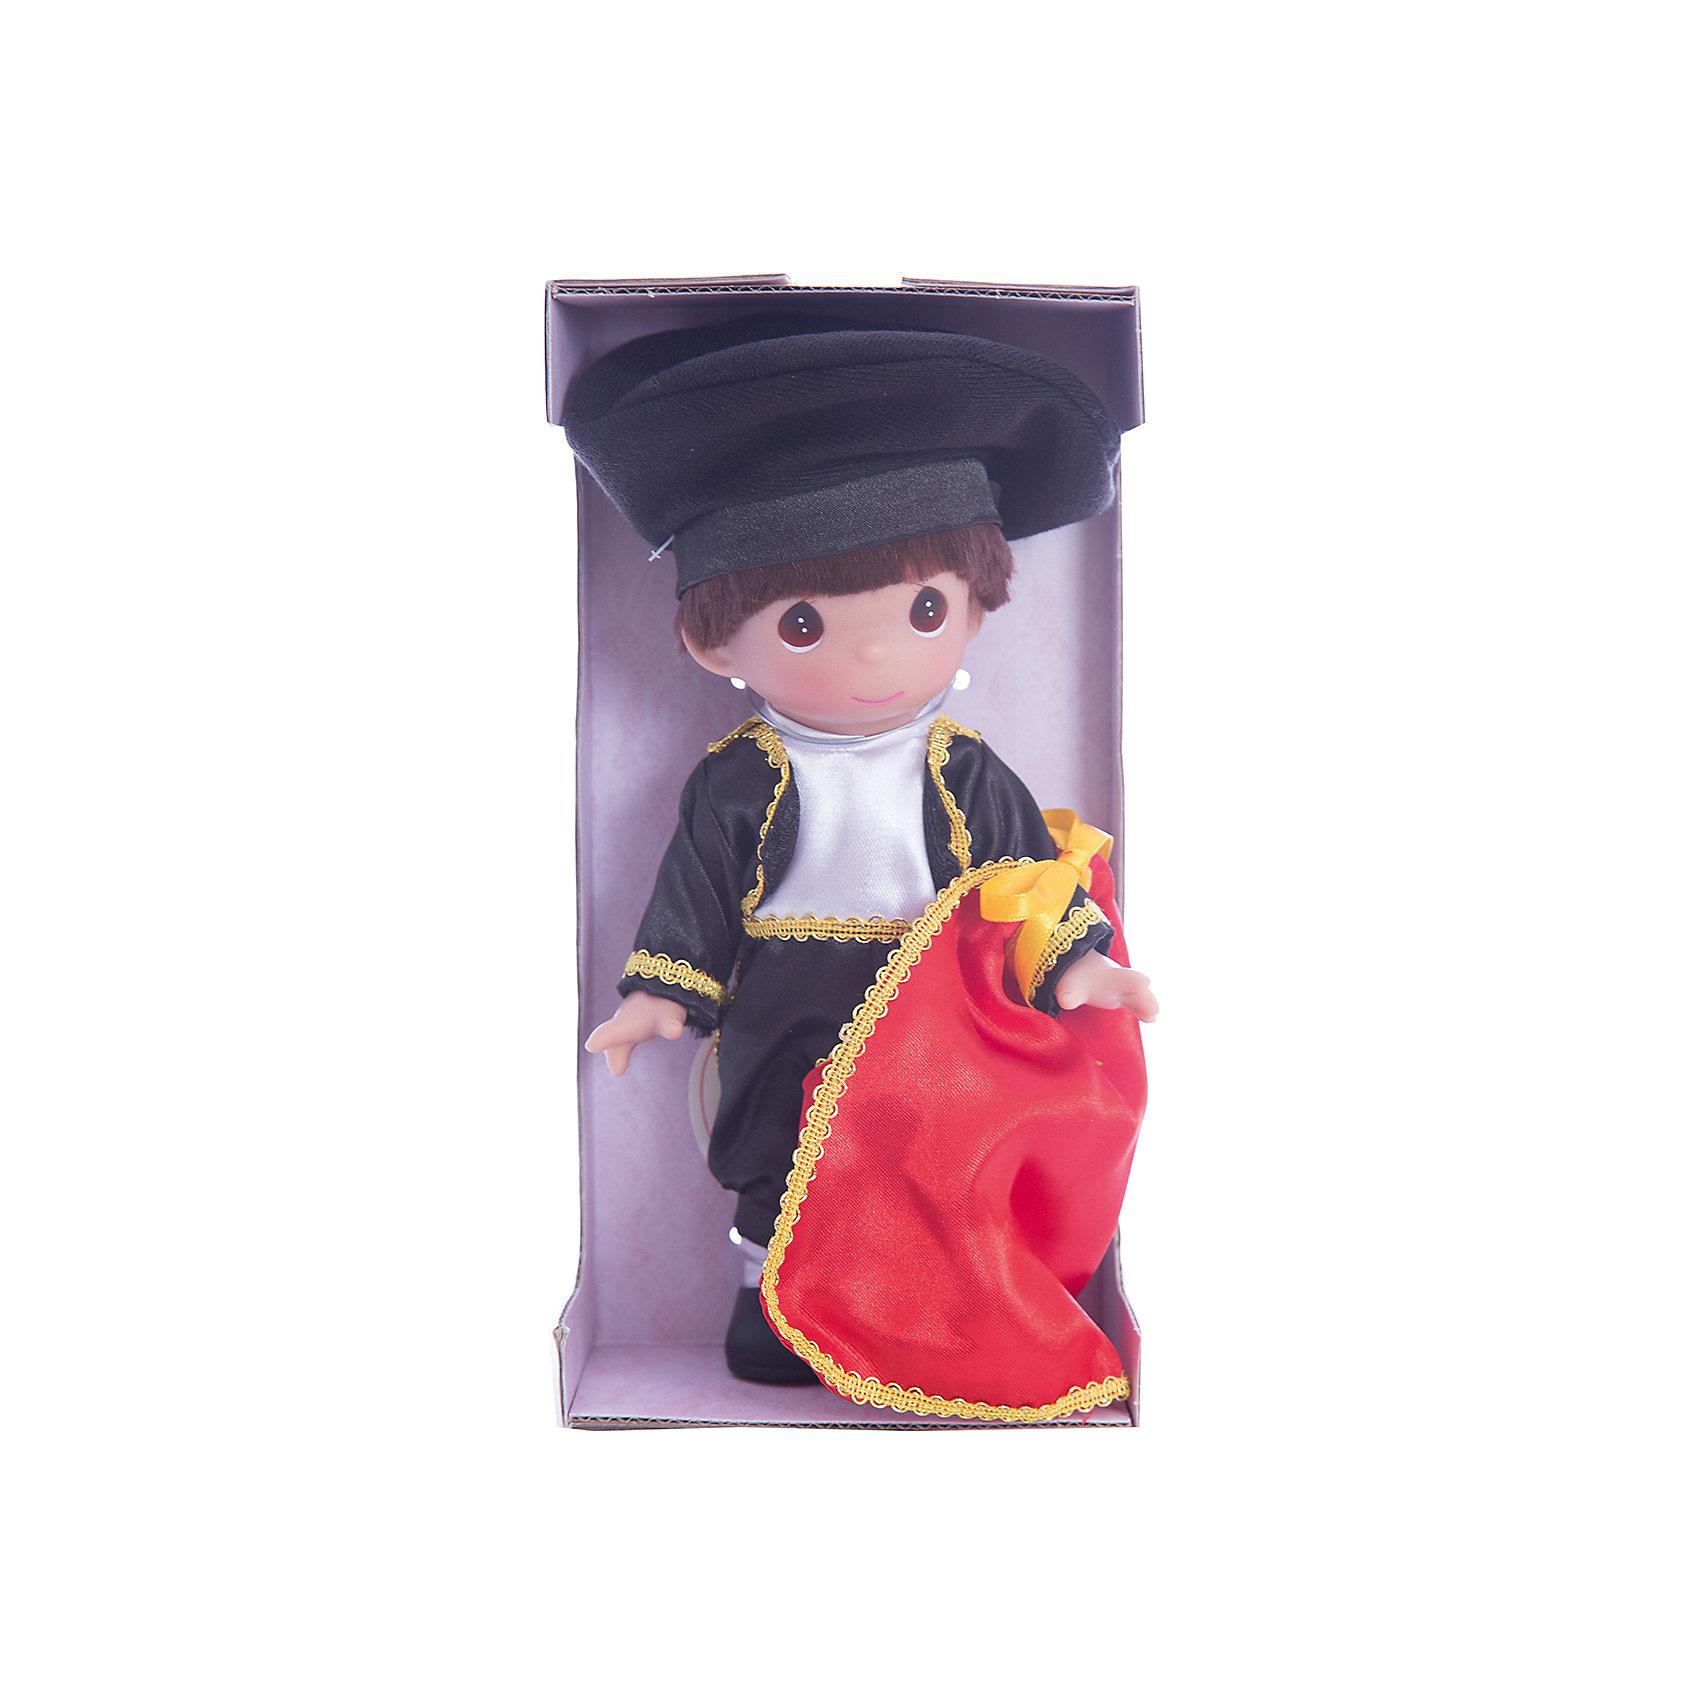 Кукла Сантьяго. Испания, 21 см, Precious MomentsКуклы<br>Характеристики товара:<br><br>• возраст: от 5 лет;<br>• материал: винил, текстиль;<br>• высота куклы: 21 см;<br>• размер упаковки: 25х13х7 см;<br>• вес упаковки: 170 гр.;<br>• страна производитель: Филиппины.<br><br>Кукла «Сантьяго. Испания» Precious Moments — коллекционная кукла с выразительными карими глазками. Сантьяго одет в традиционный костюм испанского тореадора. На нем черный костюм и шляпа, а в руках красная тряпка. У куклы имеются подвижные детали. Она выполнена из качественного безопасного материала.<br><br>Куклу «Сантьяго. Испания» Precious Moments можно приобрести в нашем интернет-магазине.<br><br>Ширина мм: 60<br>Глубина мм: 210<br>Высота мм: 60<br>Вес г: 110<br>Возраст от месяцев: 36<br>Возраст до месяцев: 2147483647<br>Пол: Женский<br>Возраст: Детский<br>SKU: 5482517